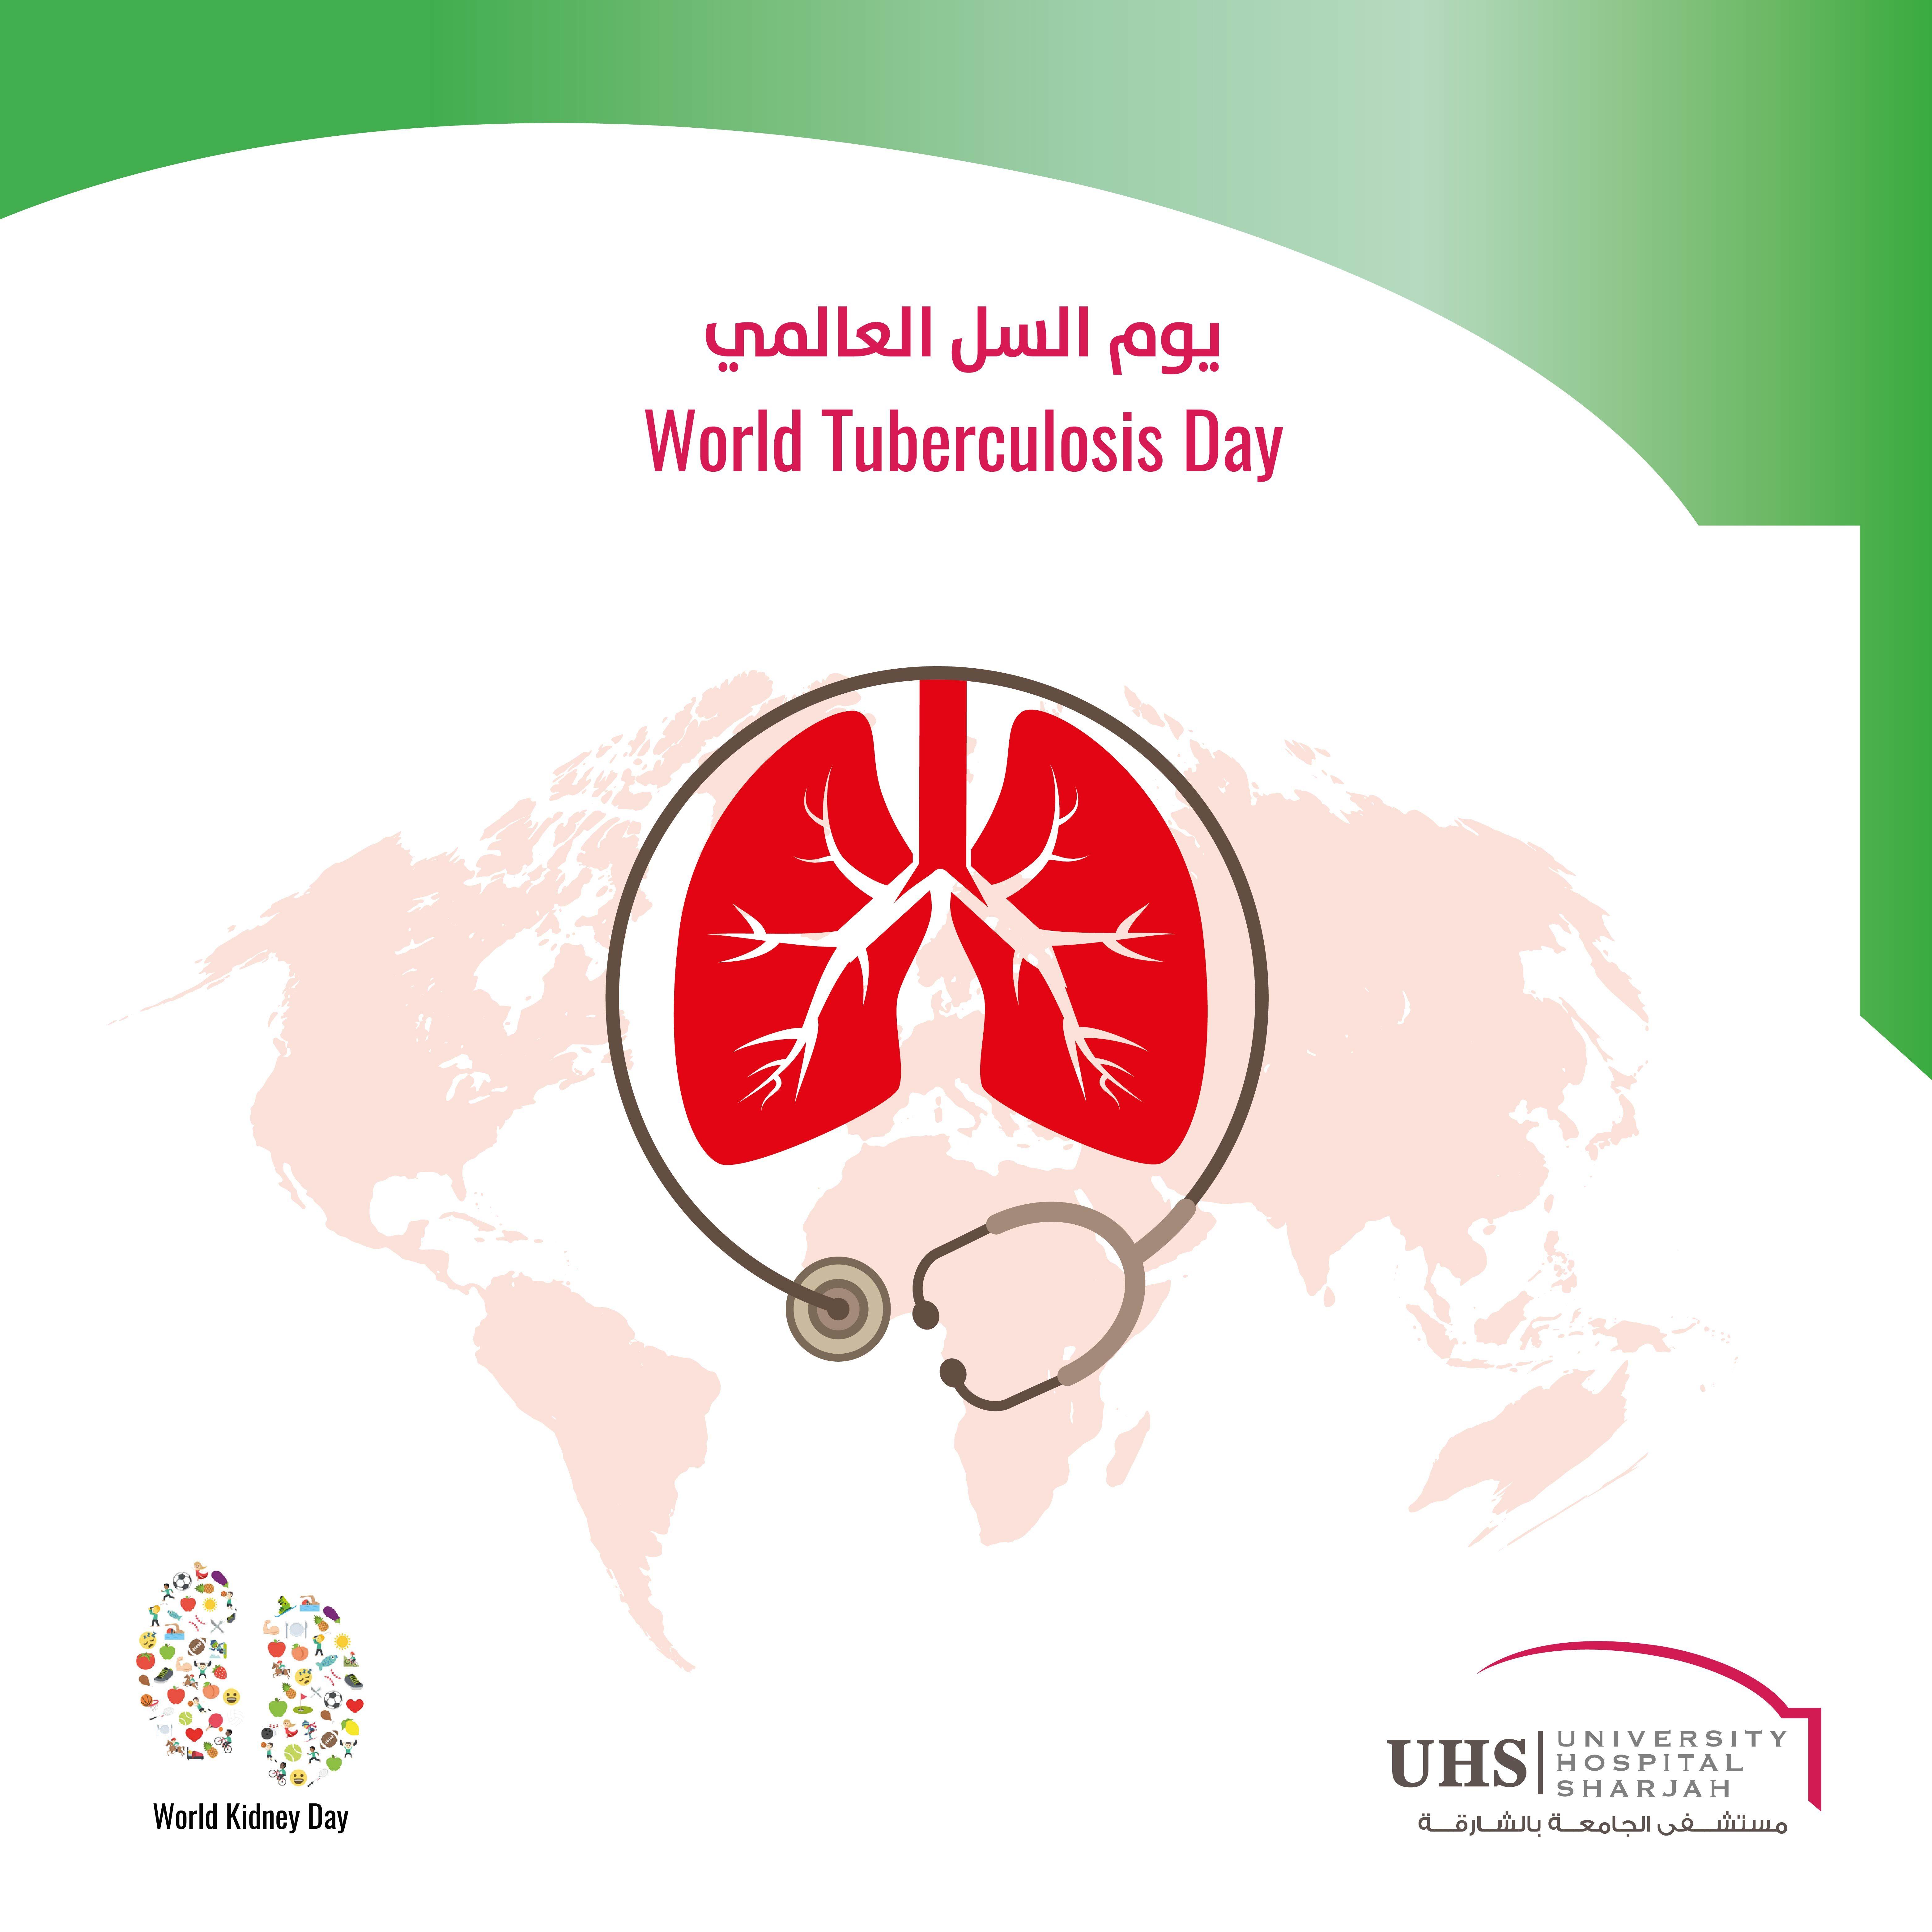 تم وضع يوم السل العالمي لزيادة الوعي عن هذا الوباء ولتكثيف لجهود المبذولة للقضاء على هذا المرض في عام 2012 اصيب 8 6 مليون شخص Awareness Month Awareness World